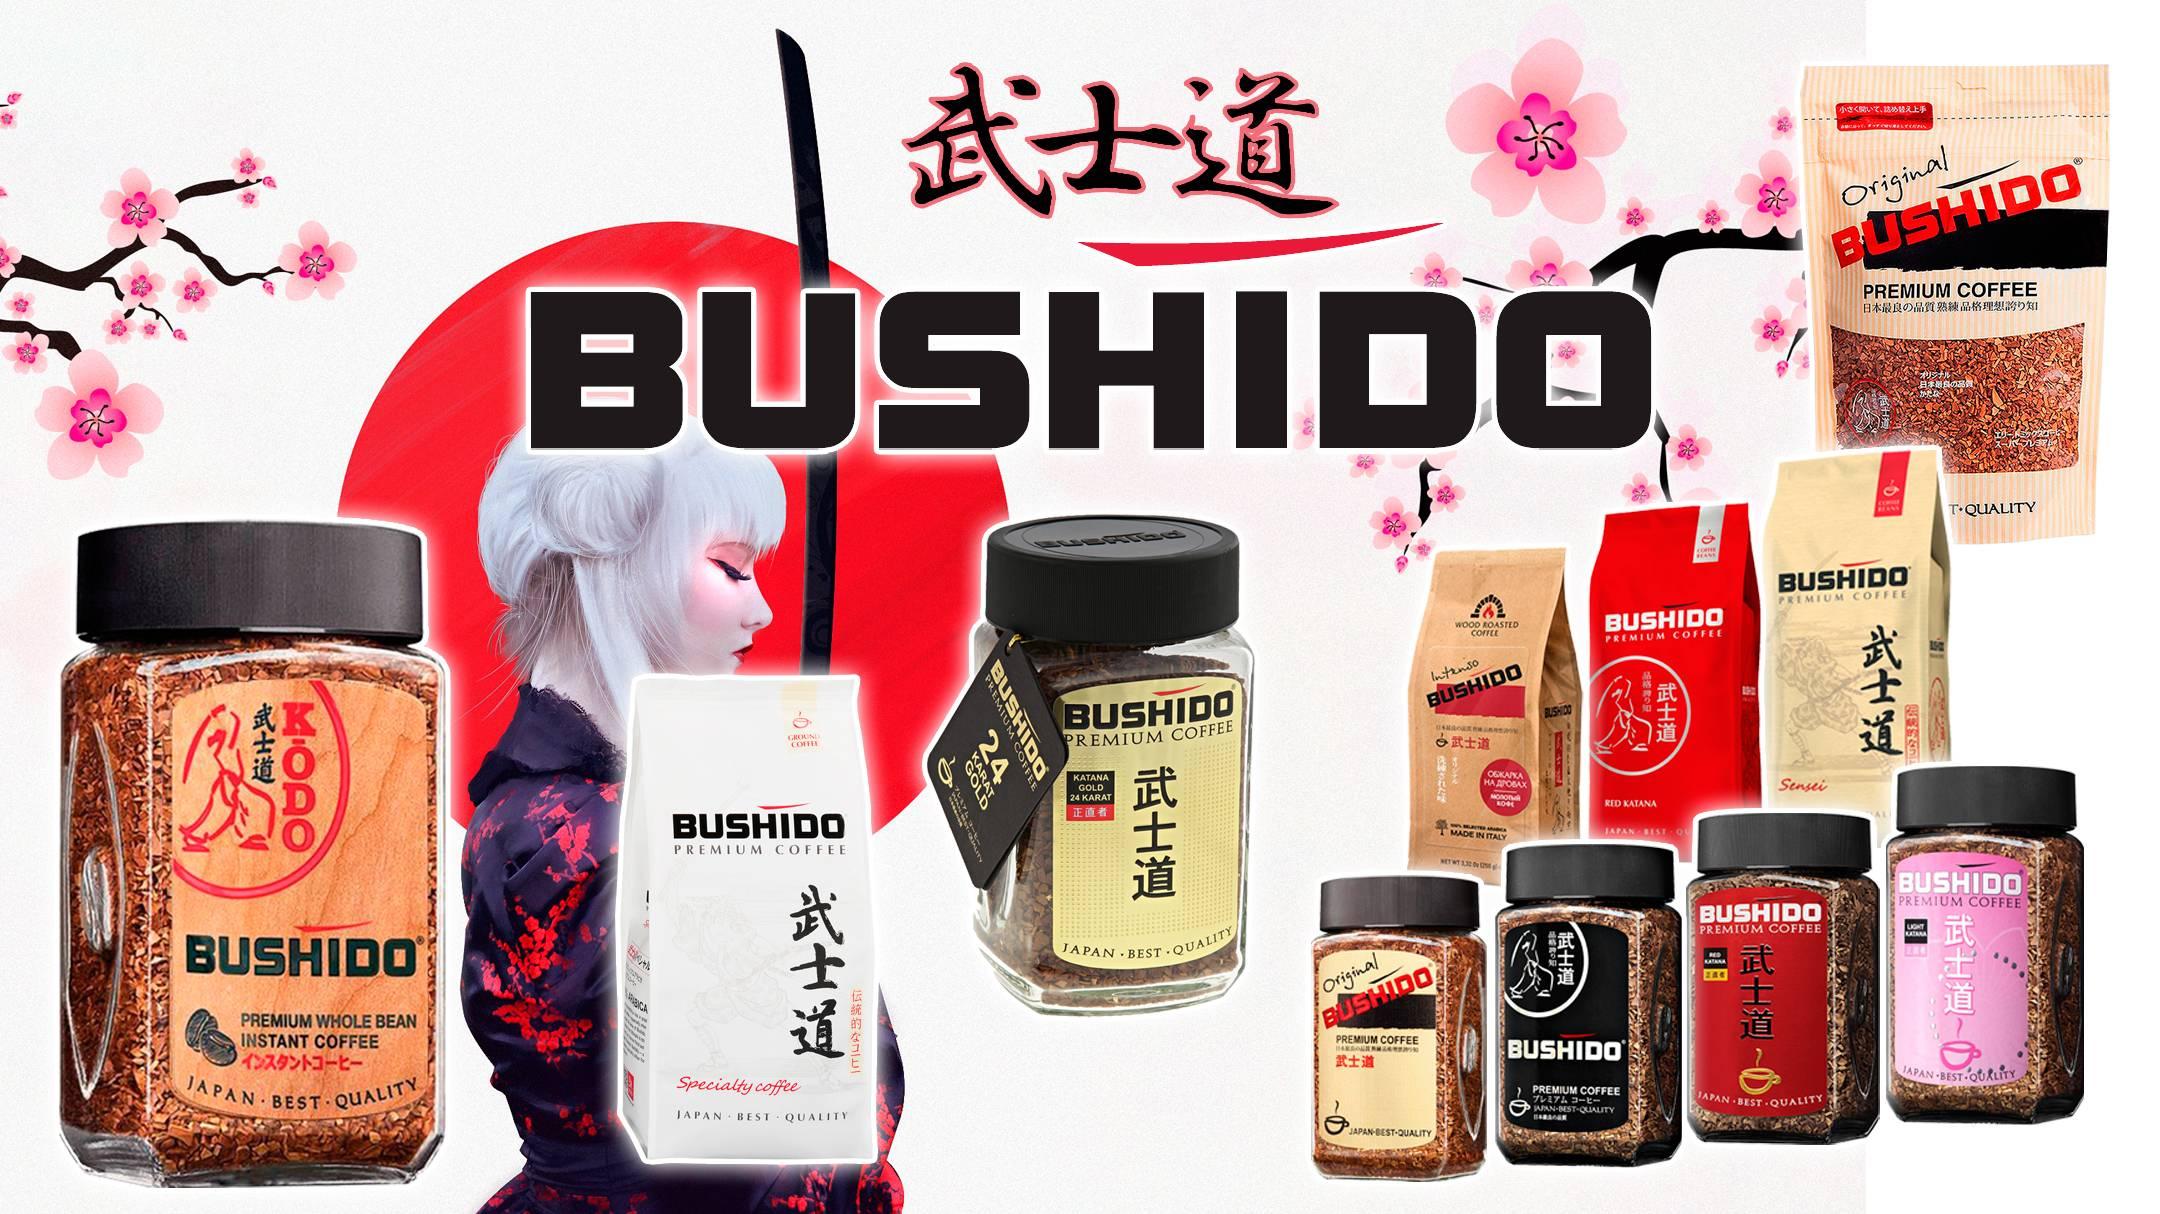 Ассортимент японской кофейной марки бушидо